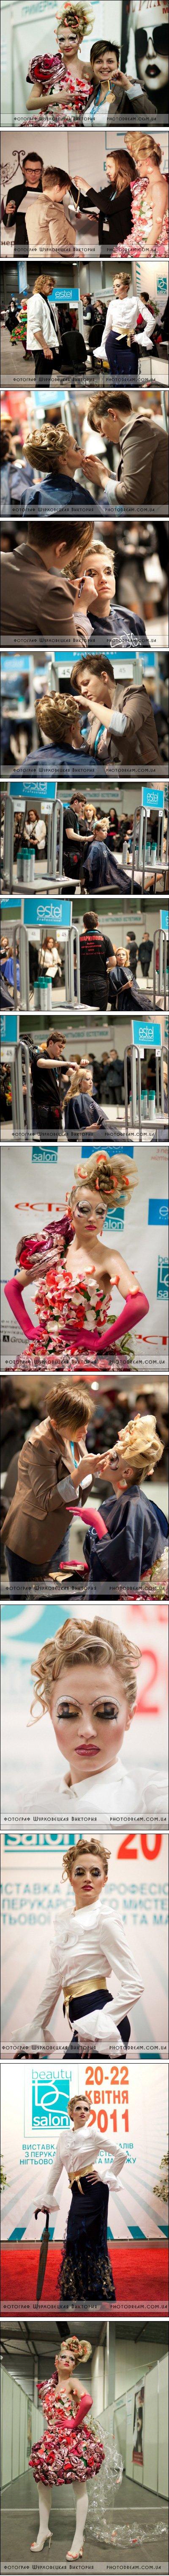 Победа мариупольчан на чемпионате Украины по парикмахерскому искусству и макияжу, фото-1